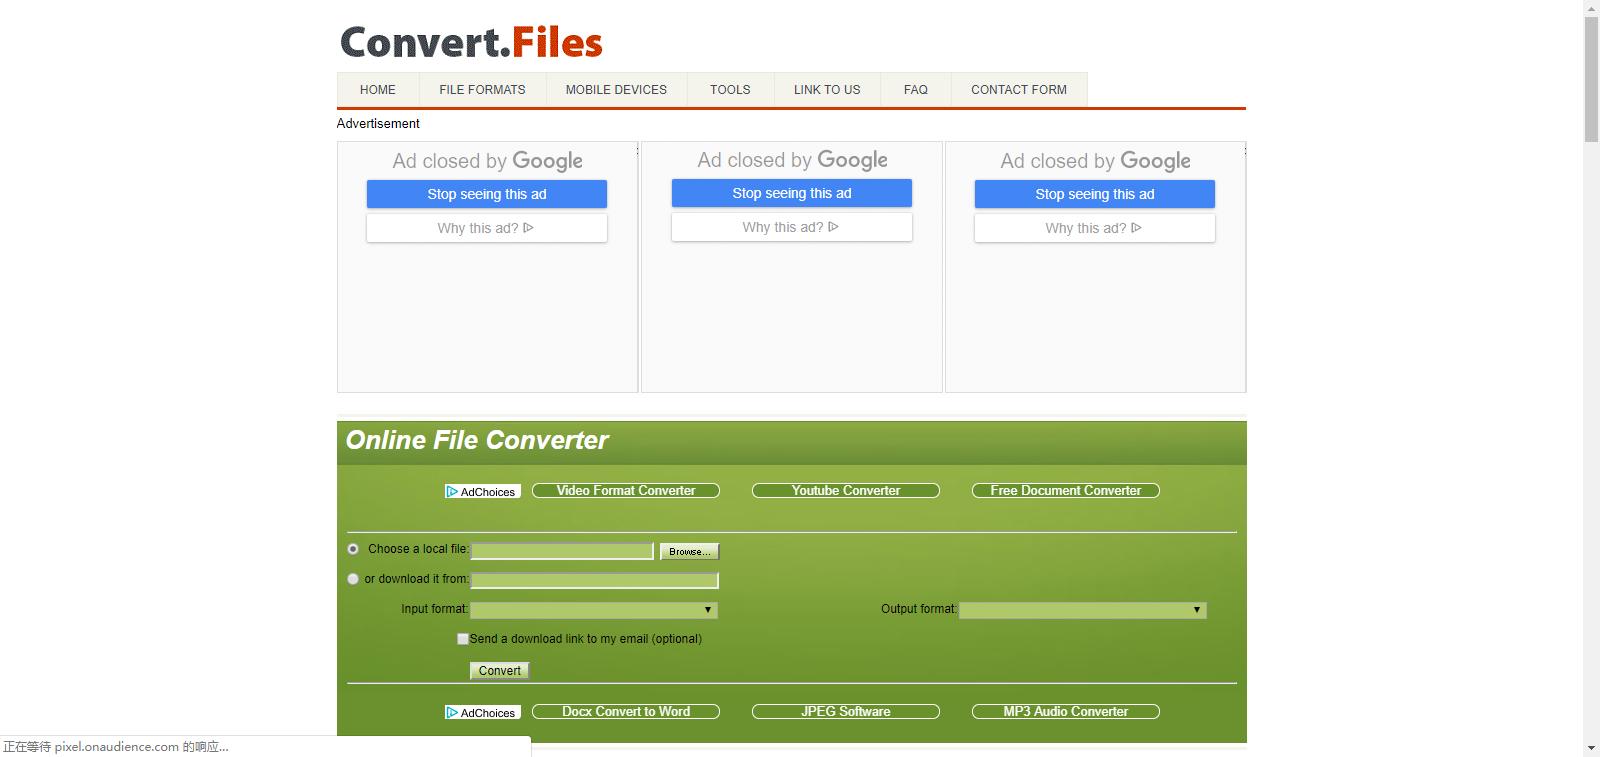 ConvertFilesサイト